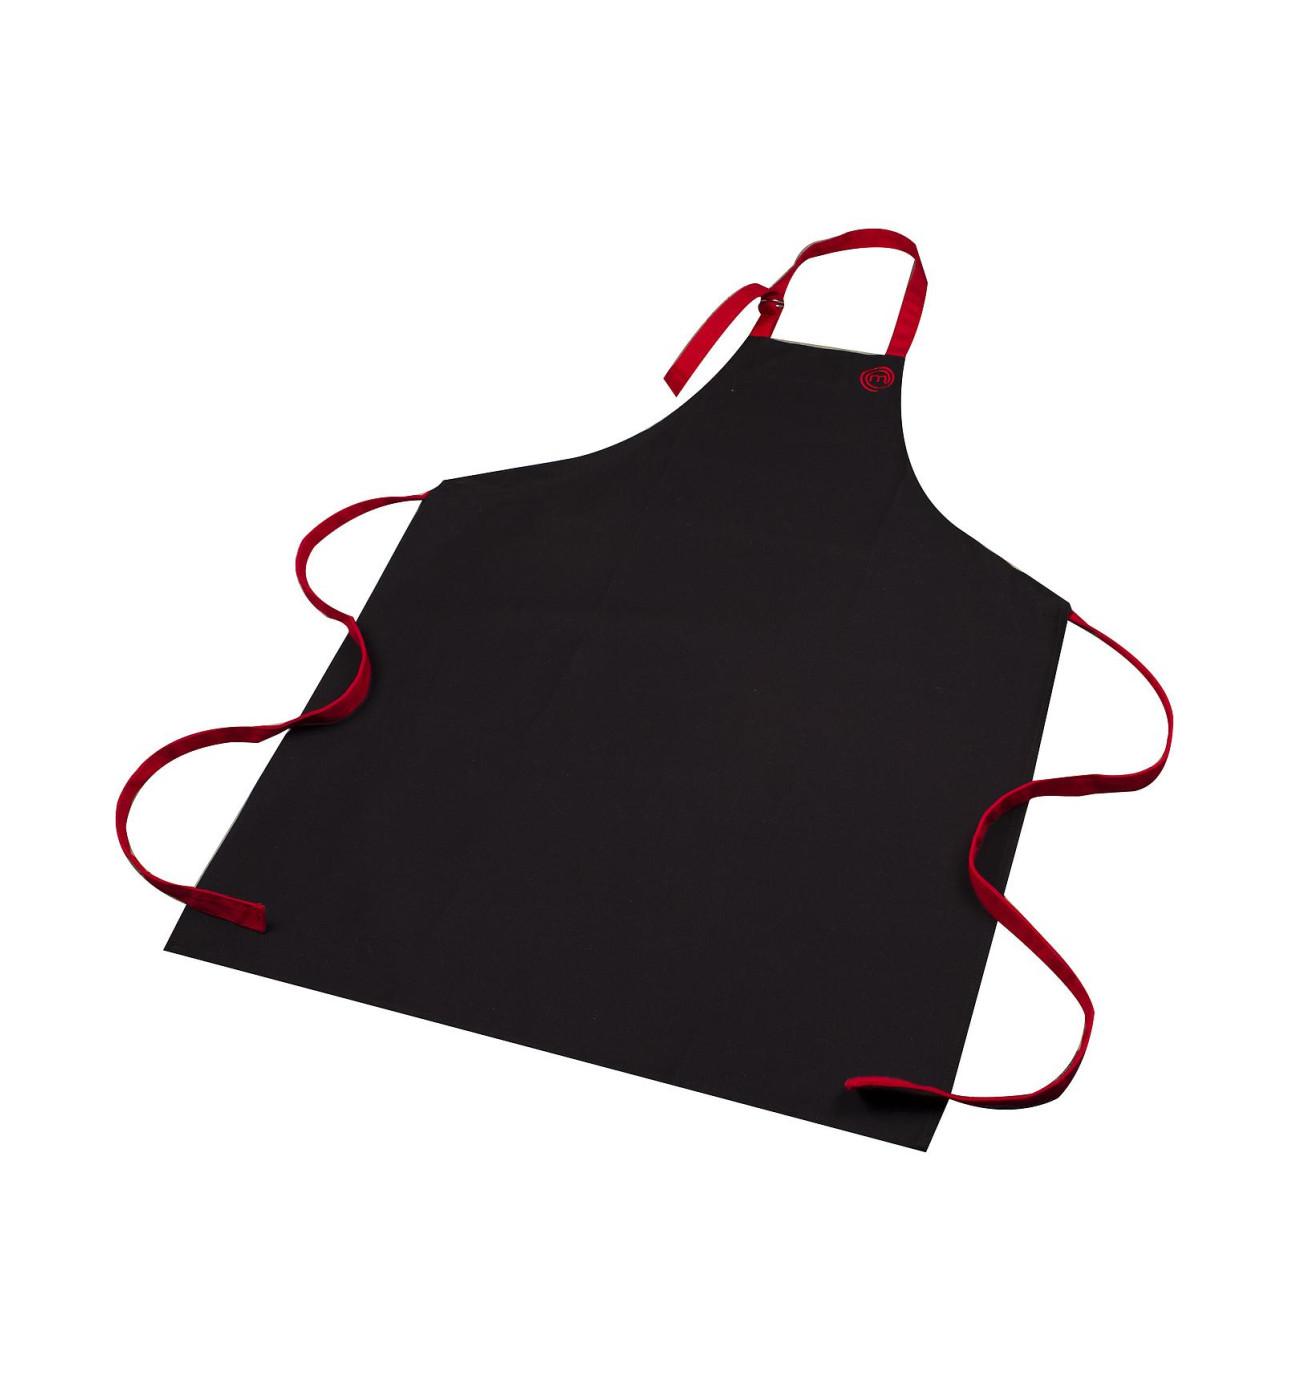 Masterchef apron (white) official merchandise - Content